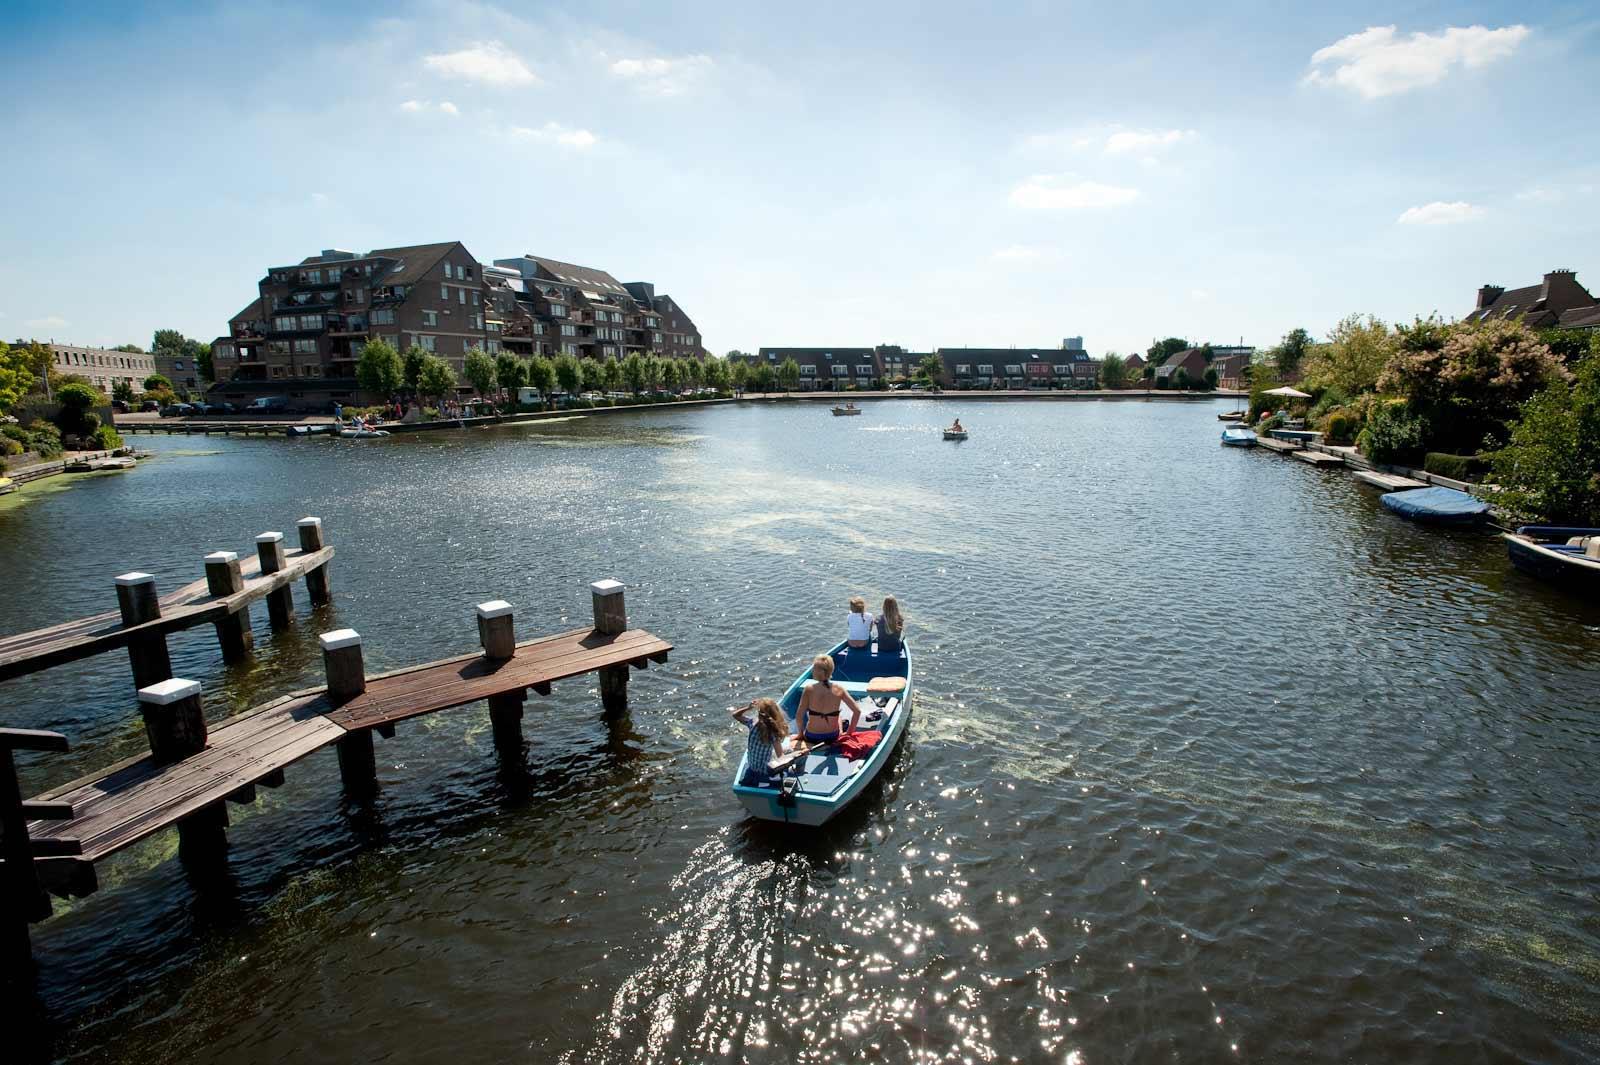 Recreatie op de Broekwegwetering nabij de Fregatwerf in Zoetermeer.